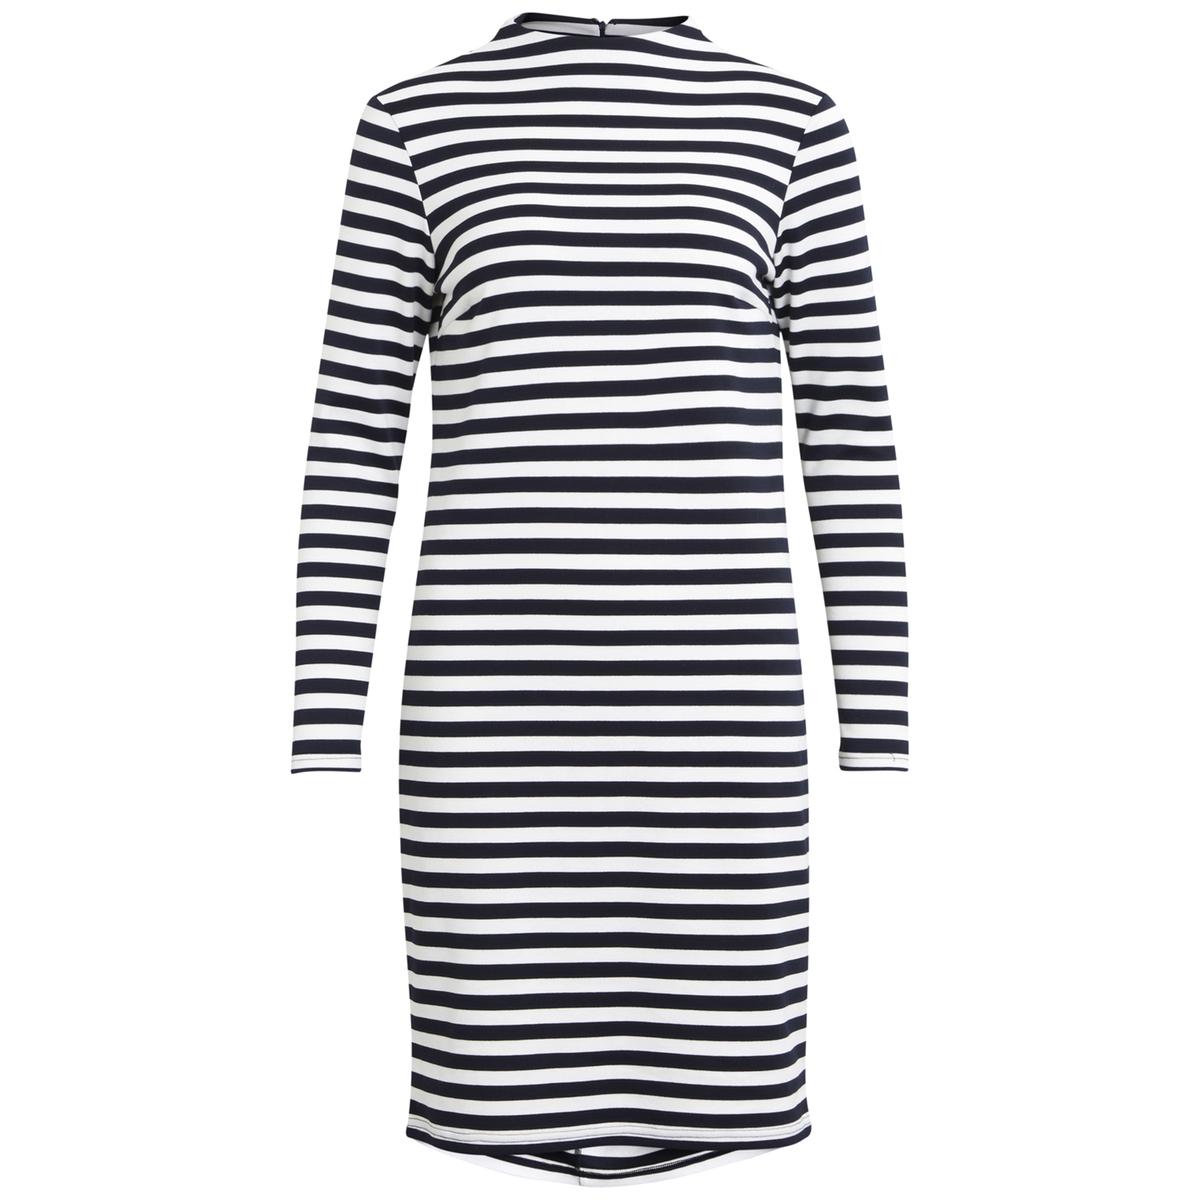 Платье короткое прямого покроя с длинными рукавами vila платье vila модель 25960236